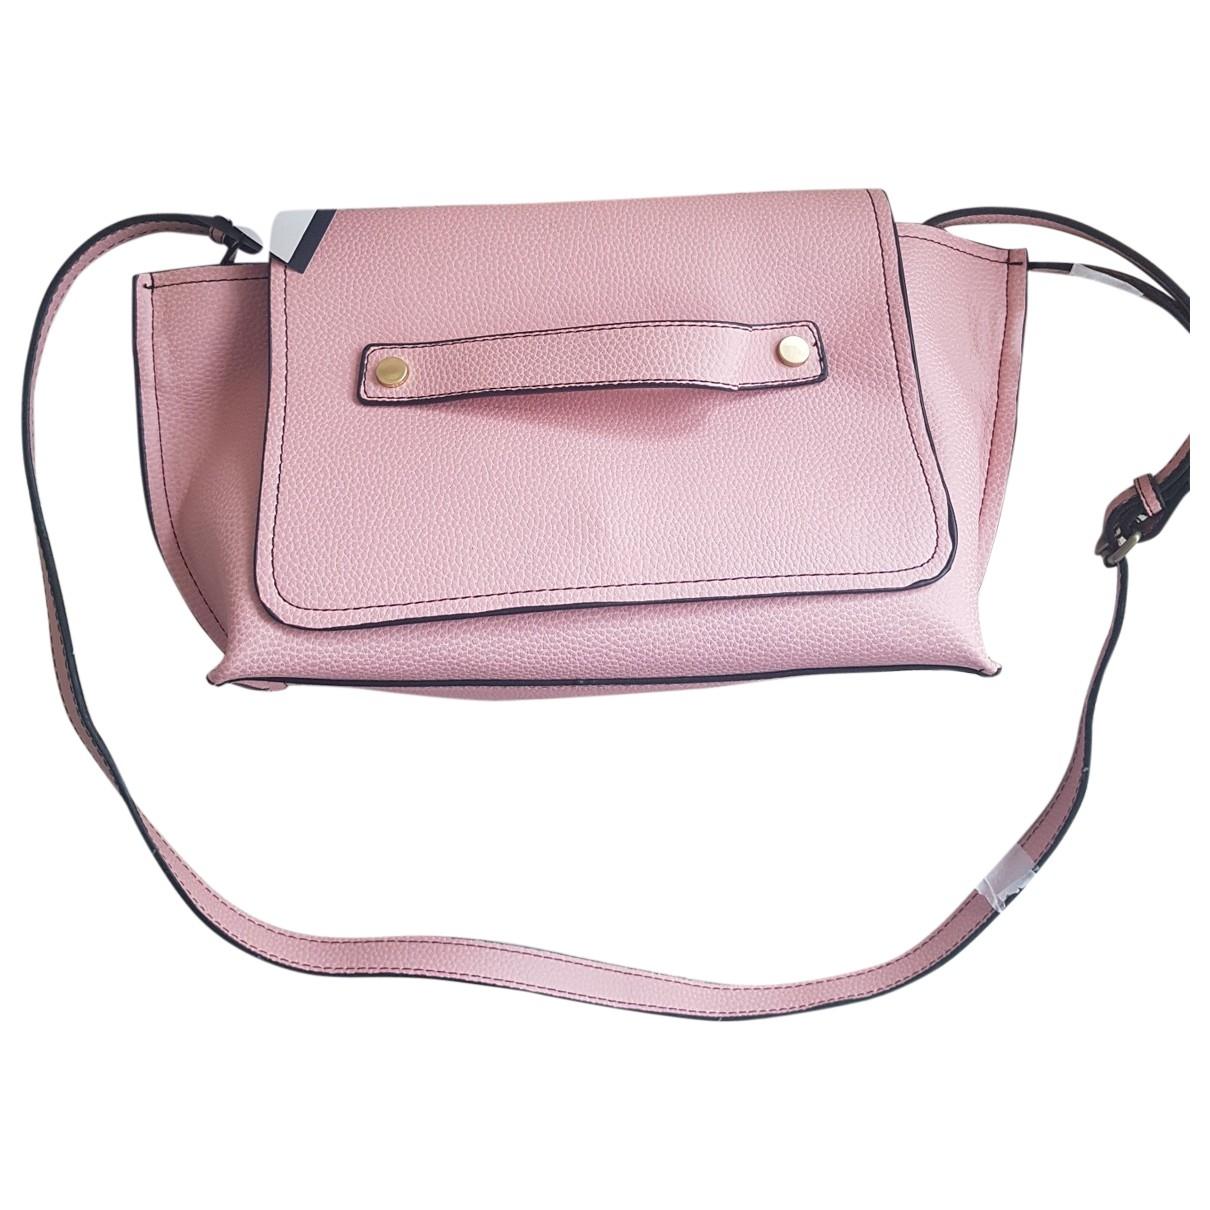 Zara - Sac a main   pour femme - rose